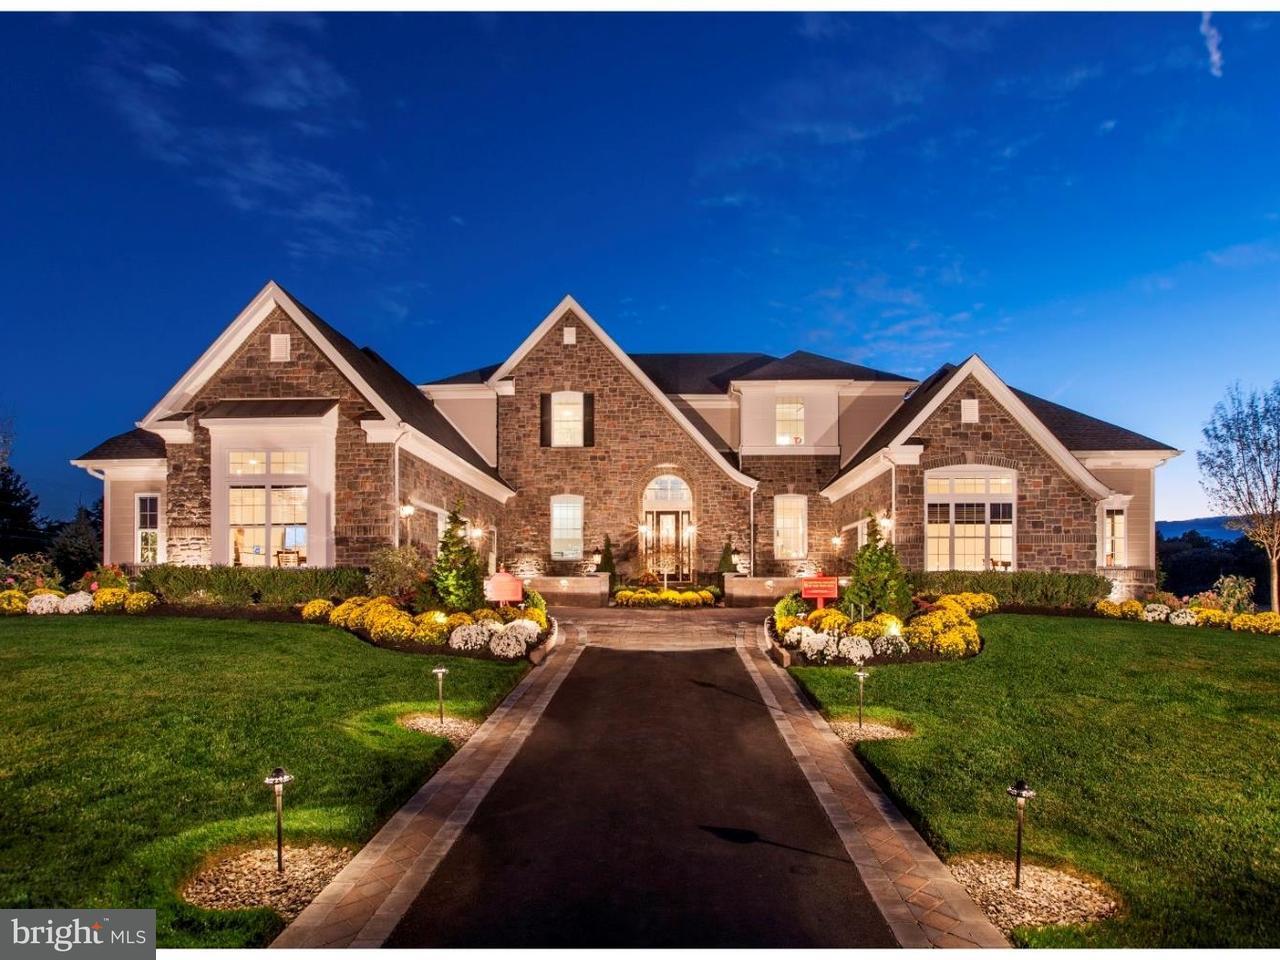 Частный односемейный дом для того Продажа на 4 OXFORD Drive Ivyland, Пенсильвания 18974 Соединенные Штаты